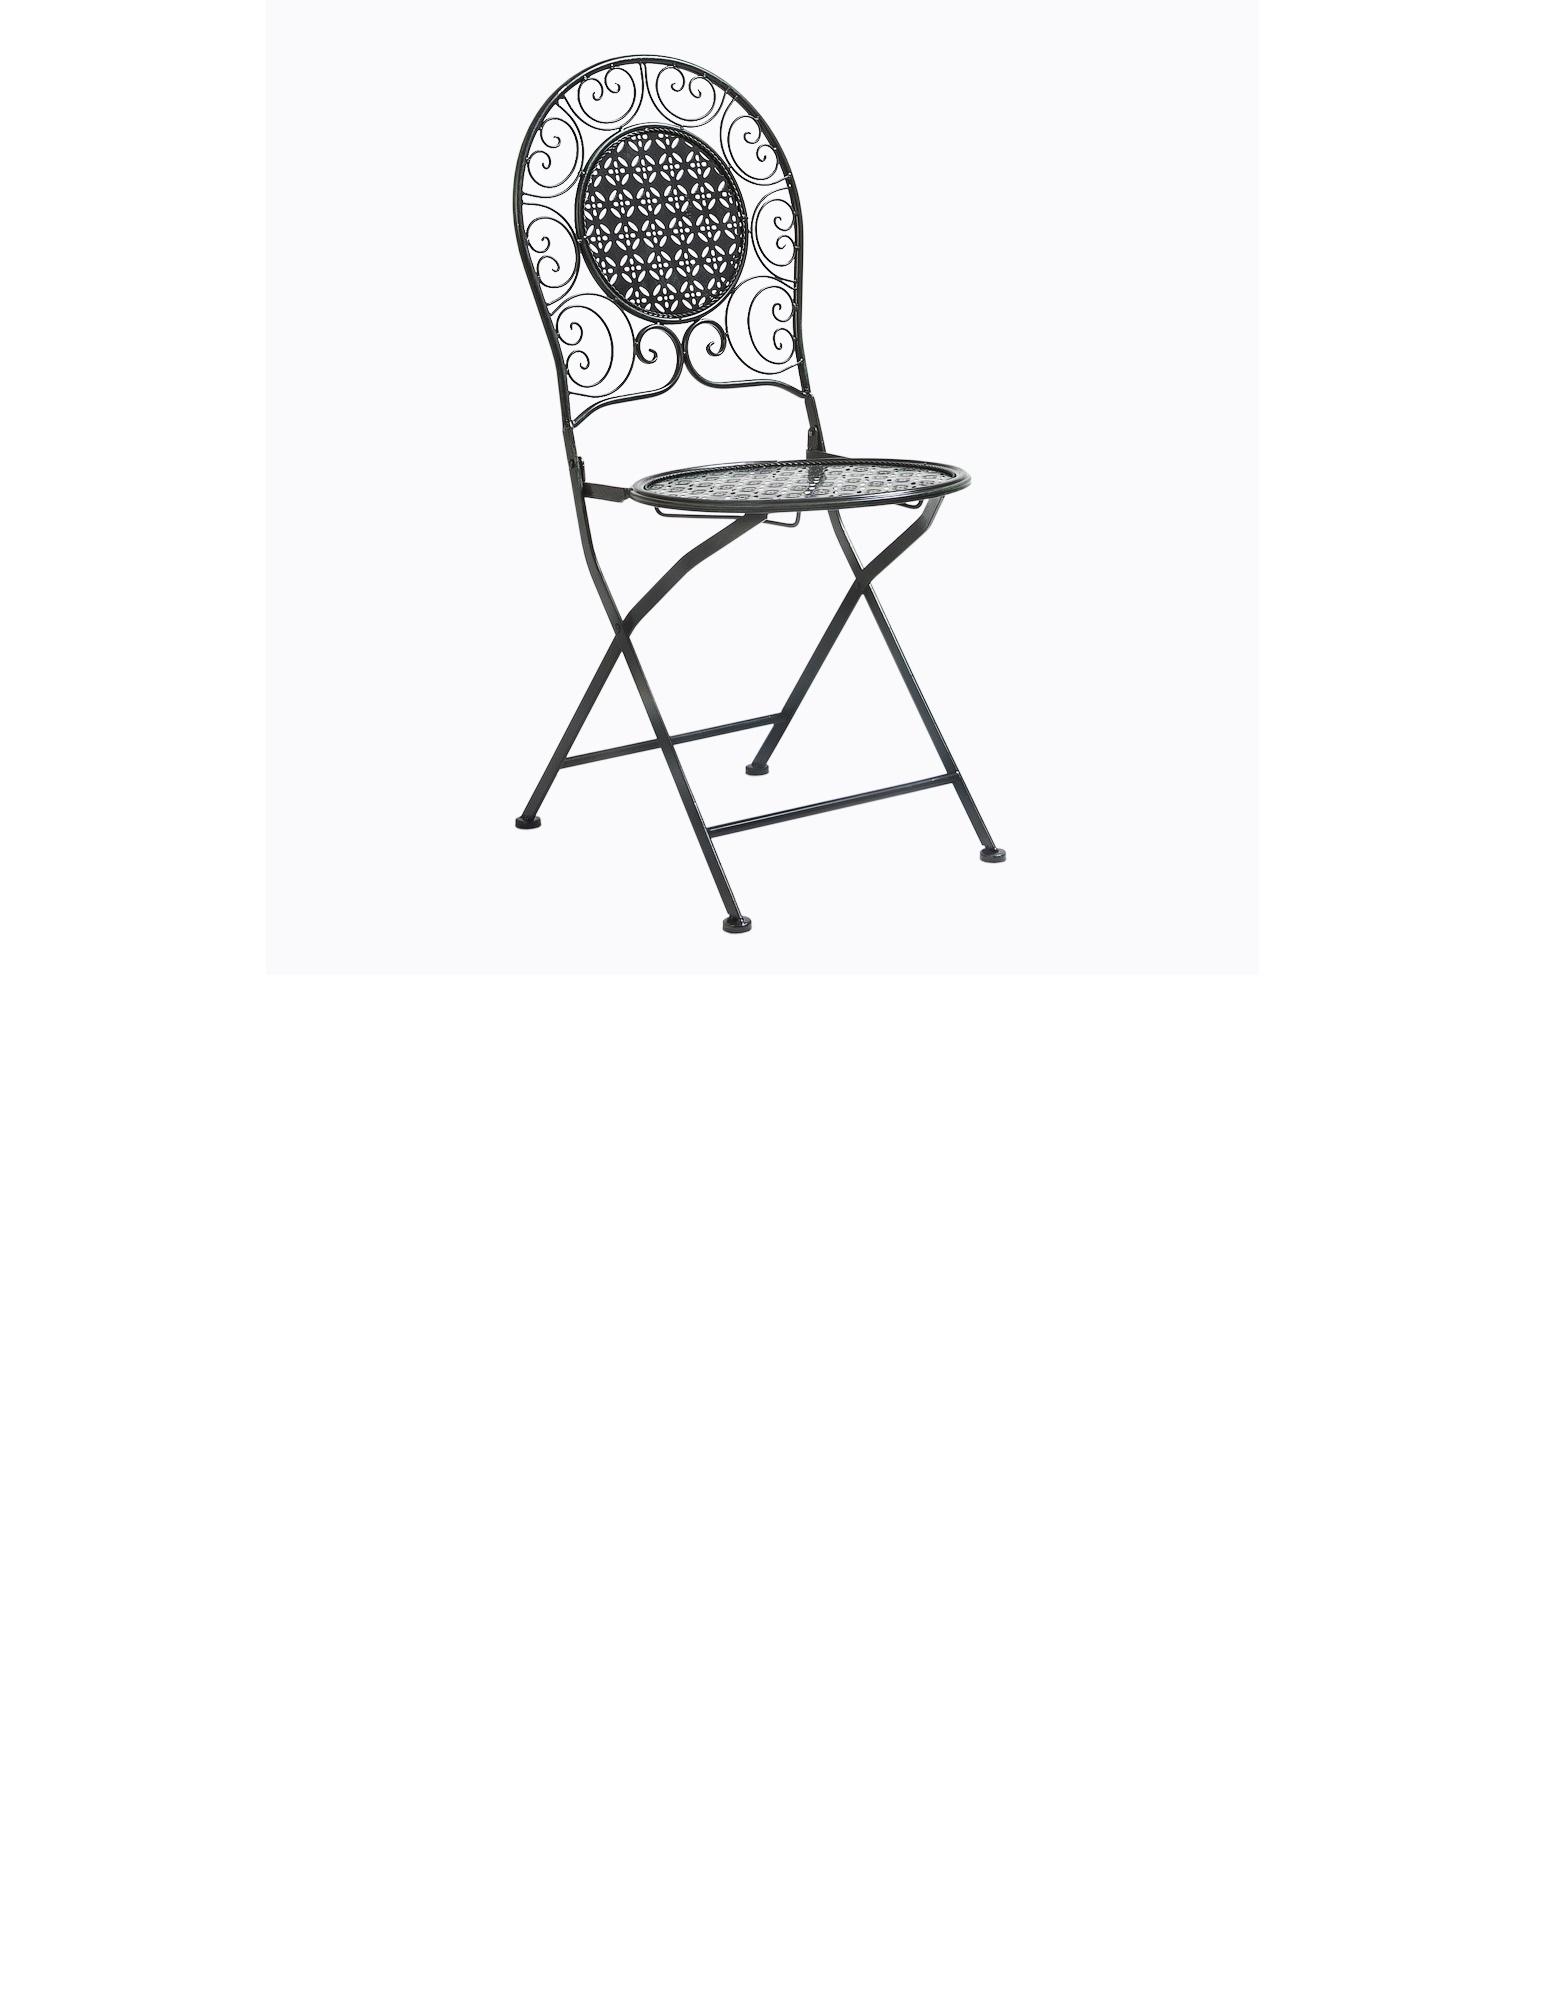 Складной стул «Монсо» (черный антик)Стулья для улицы<br>Складные стулья «Монсо» станут достойным украшением не только городской квартиры, но и престижного загородного дома или дачи. Металлическое кружево произведёт неизгладимое впечатление на гостей и останется неизменным, позволяя хозяину&amp;amp;nbsp; гордиться обладанием такой мебели. Этот стул - словно винтажный экземпляр, который мог быть украшением интерьера прошлых веков. Стул «Монсо» поможет сделать Ваш дом уникальным отражением Ваших идей и впечатлений! Насыщенный, богатый, таинственный черный цвет по праву является фаворитом дизайнеров и декораторов во всем мире. &amp;amp;nbsp;&amp;lt;br&amp;gt;Мебель изготовлена из материала, устойчивого к переменам климата и воздействию ультрафиолетовых лучей, поэтому можно без опаски оставлять мебель под открытым небом, и даже под дождем. &amp;lt;br&amp;gt;Поставляется в сложенном виде.&amp;lt;br&amp;gt;Вес в упаковке: 5,5 кг&amp;lt;br&amp;gt;Размер: 93?42,5?40 см&amp;lt;br&amp;gt;Размер в упаковке: 43?108?10 см<br><br>Material: Железо<br>Width см: 42,5<br>Depth см: 40<br>Height см: 93